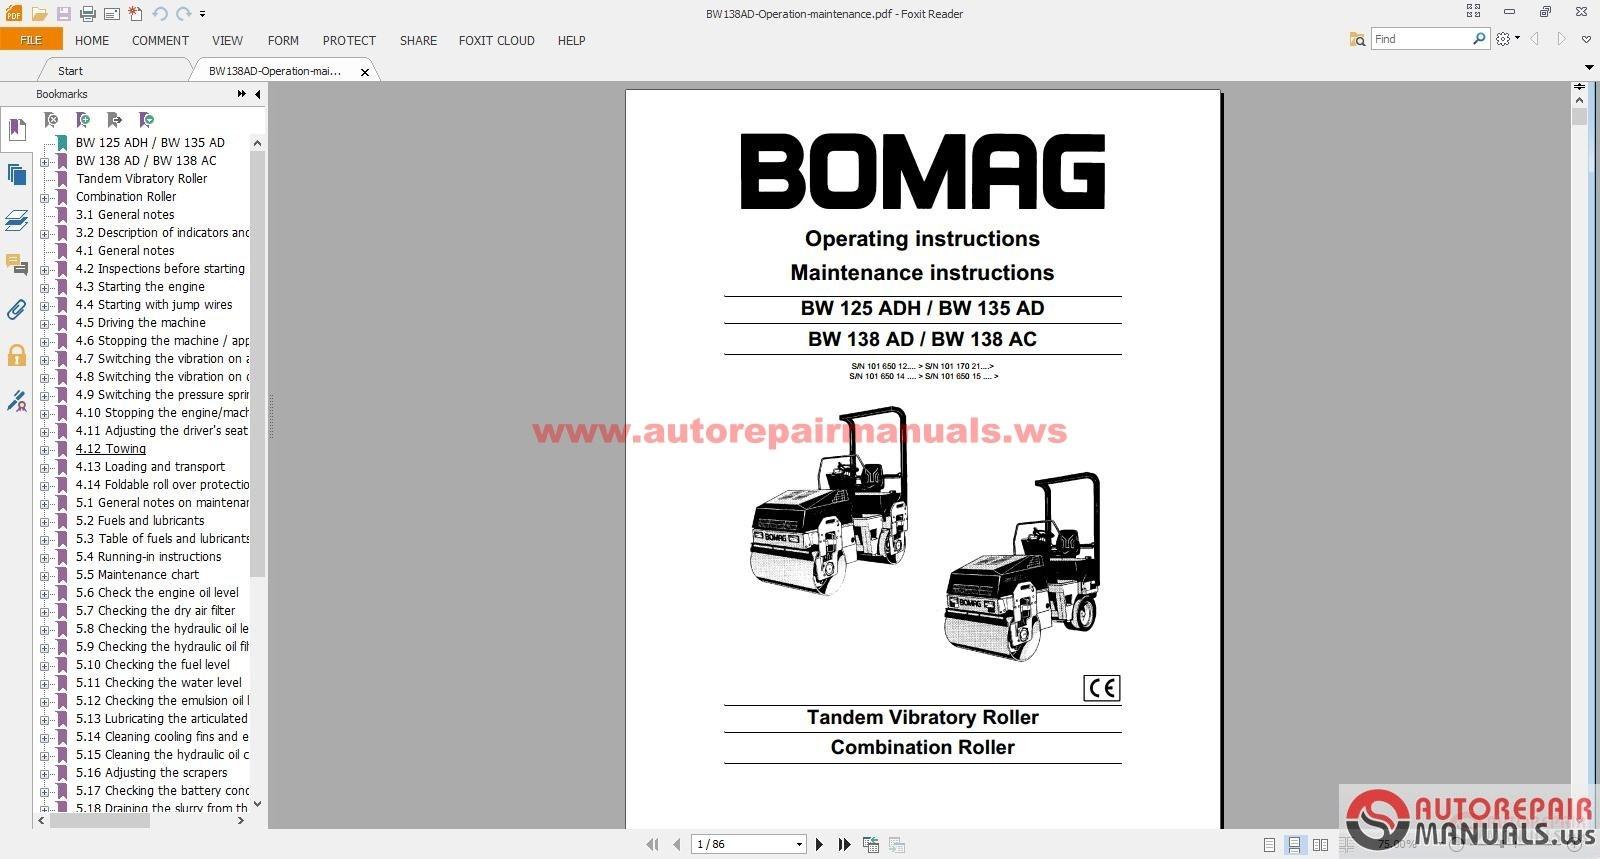 2005 mazda 3 wiring diagram free auto repair manual : bomag full set service manuals ... #14